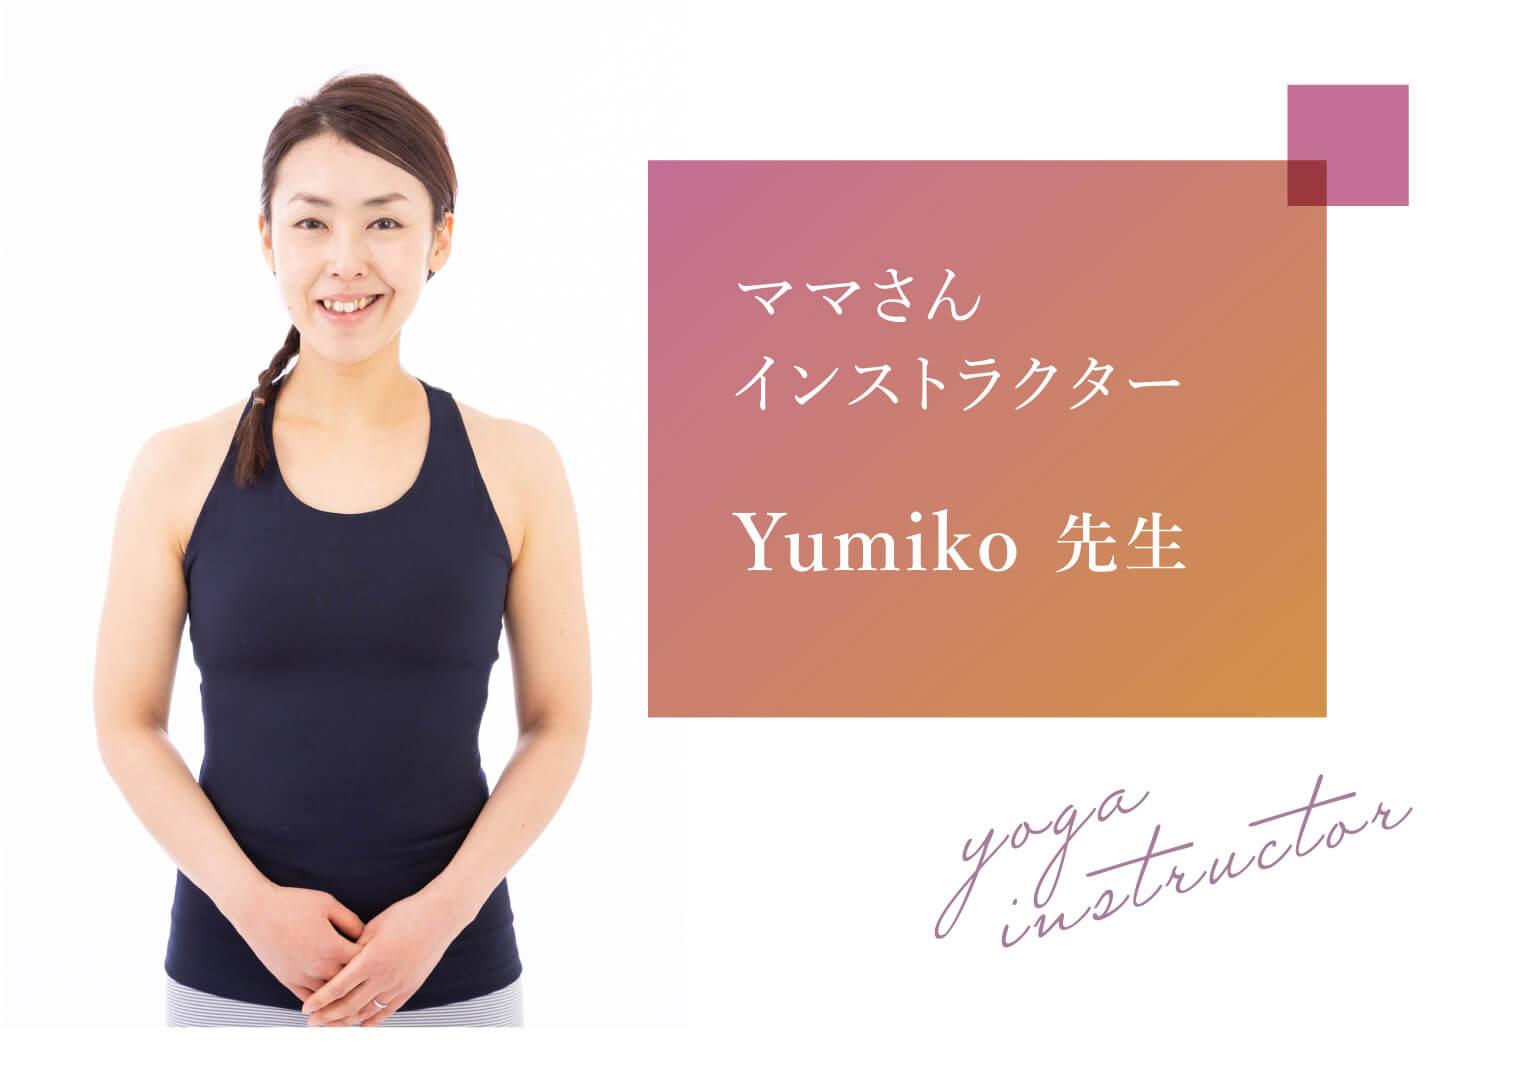 ヴィオラスクールを卒業して活躍するインストラクター|Yumiko先生